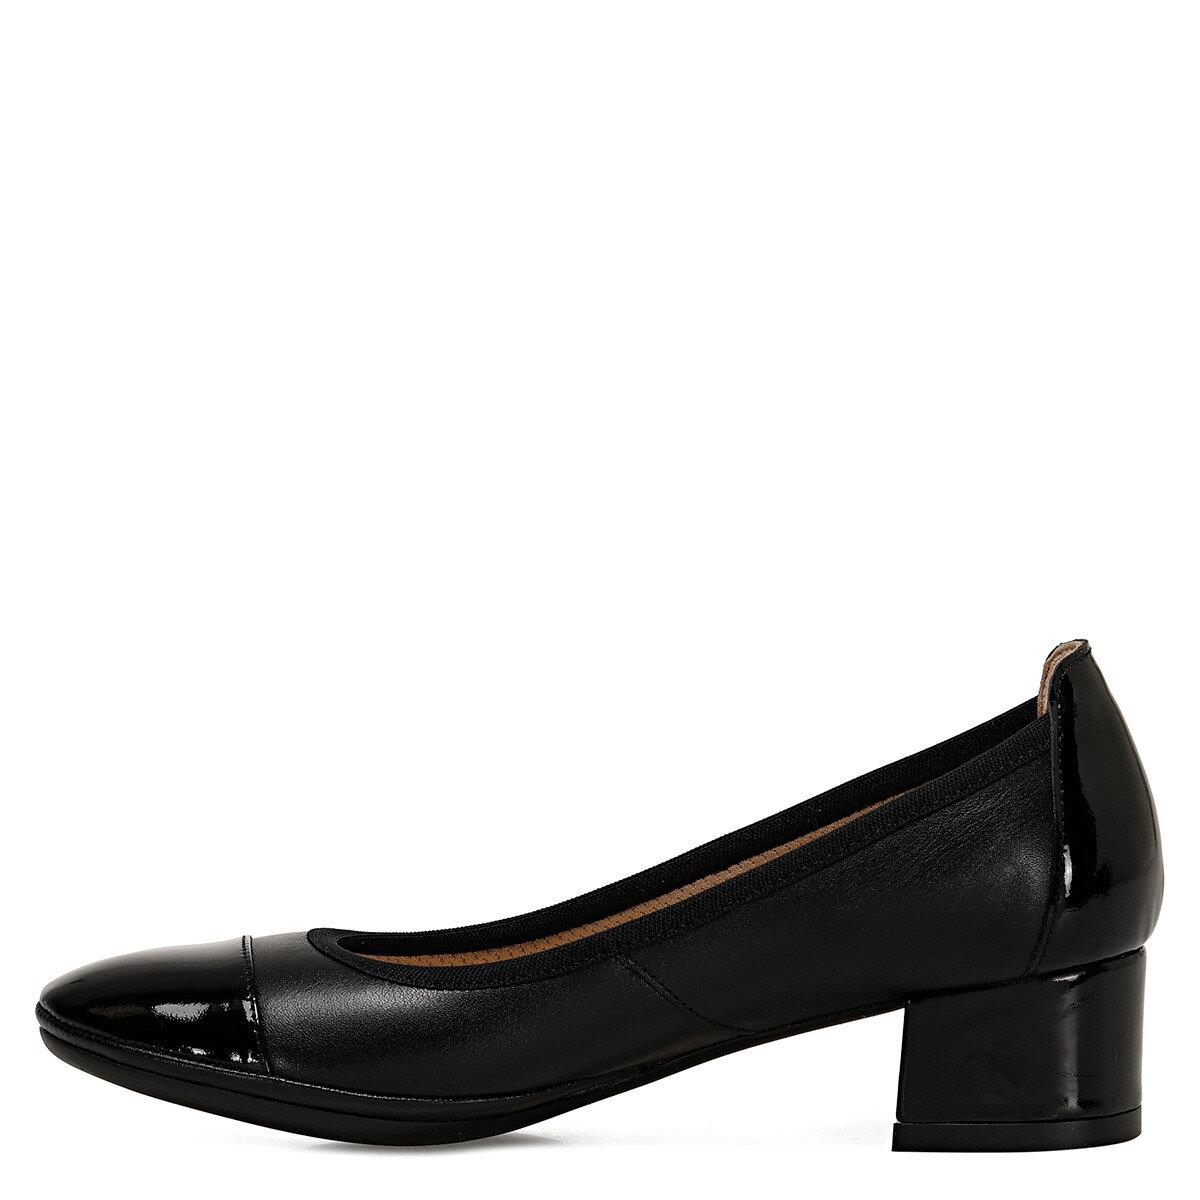 FLEXINE Siyah Kadın Topuklu Ayakkabı